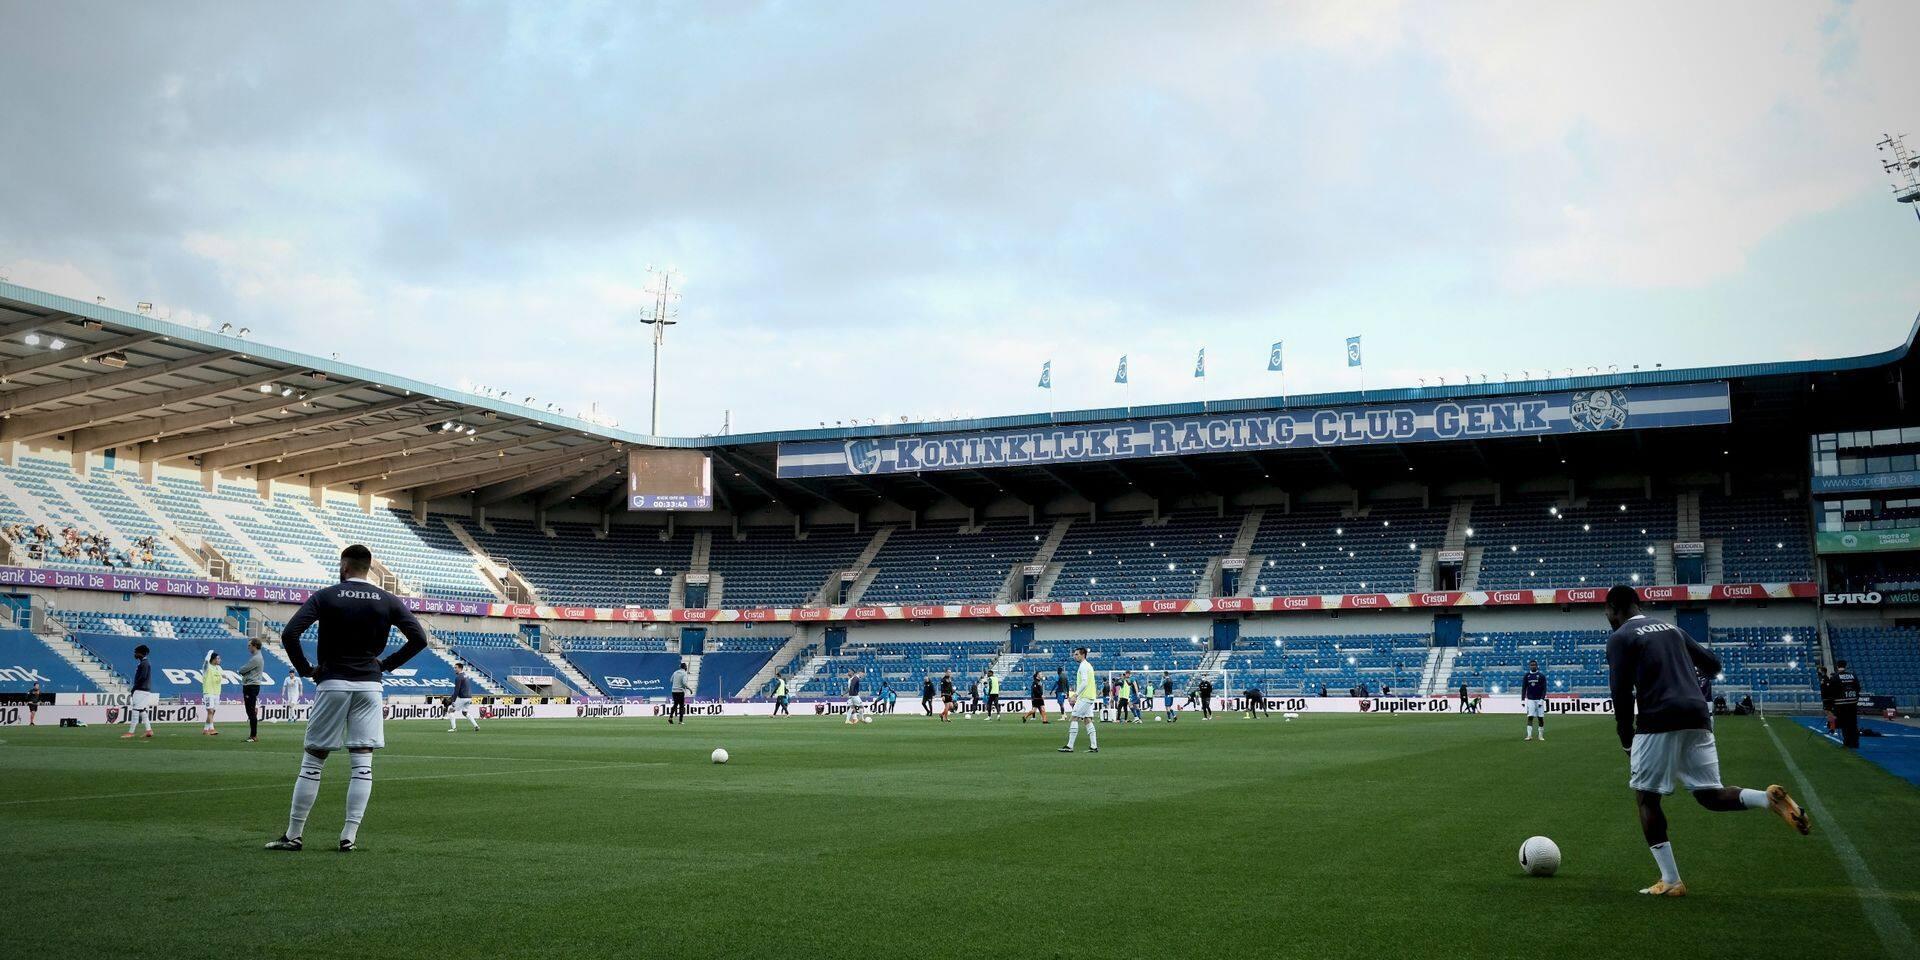 Surréaliste: Genk - Anderlecht retardé de 15 minutes à cause... du VAR (PHOTOS)